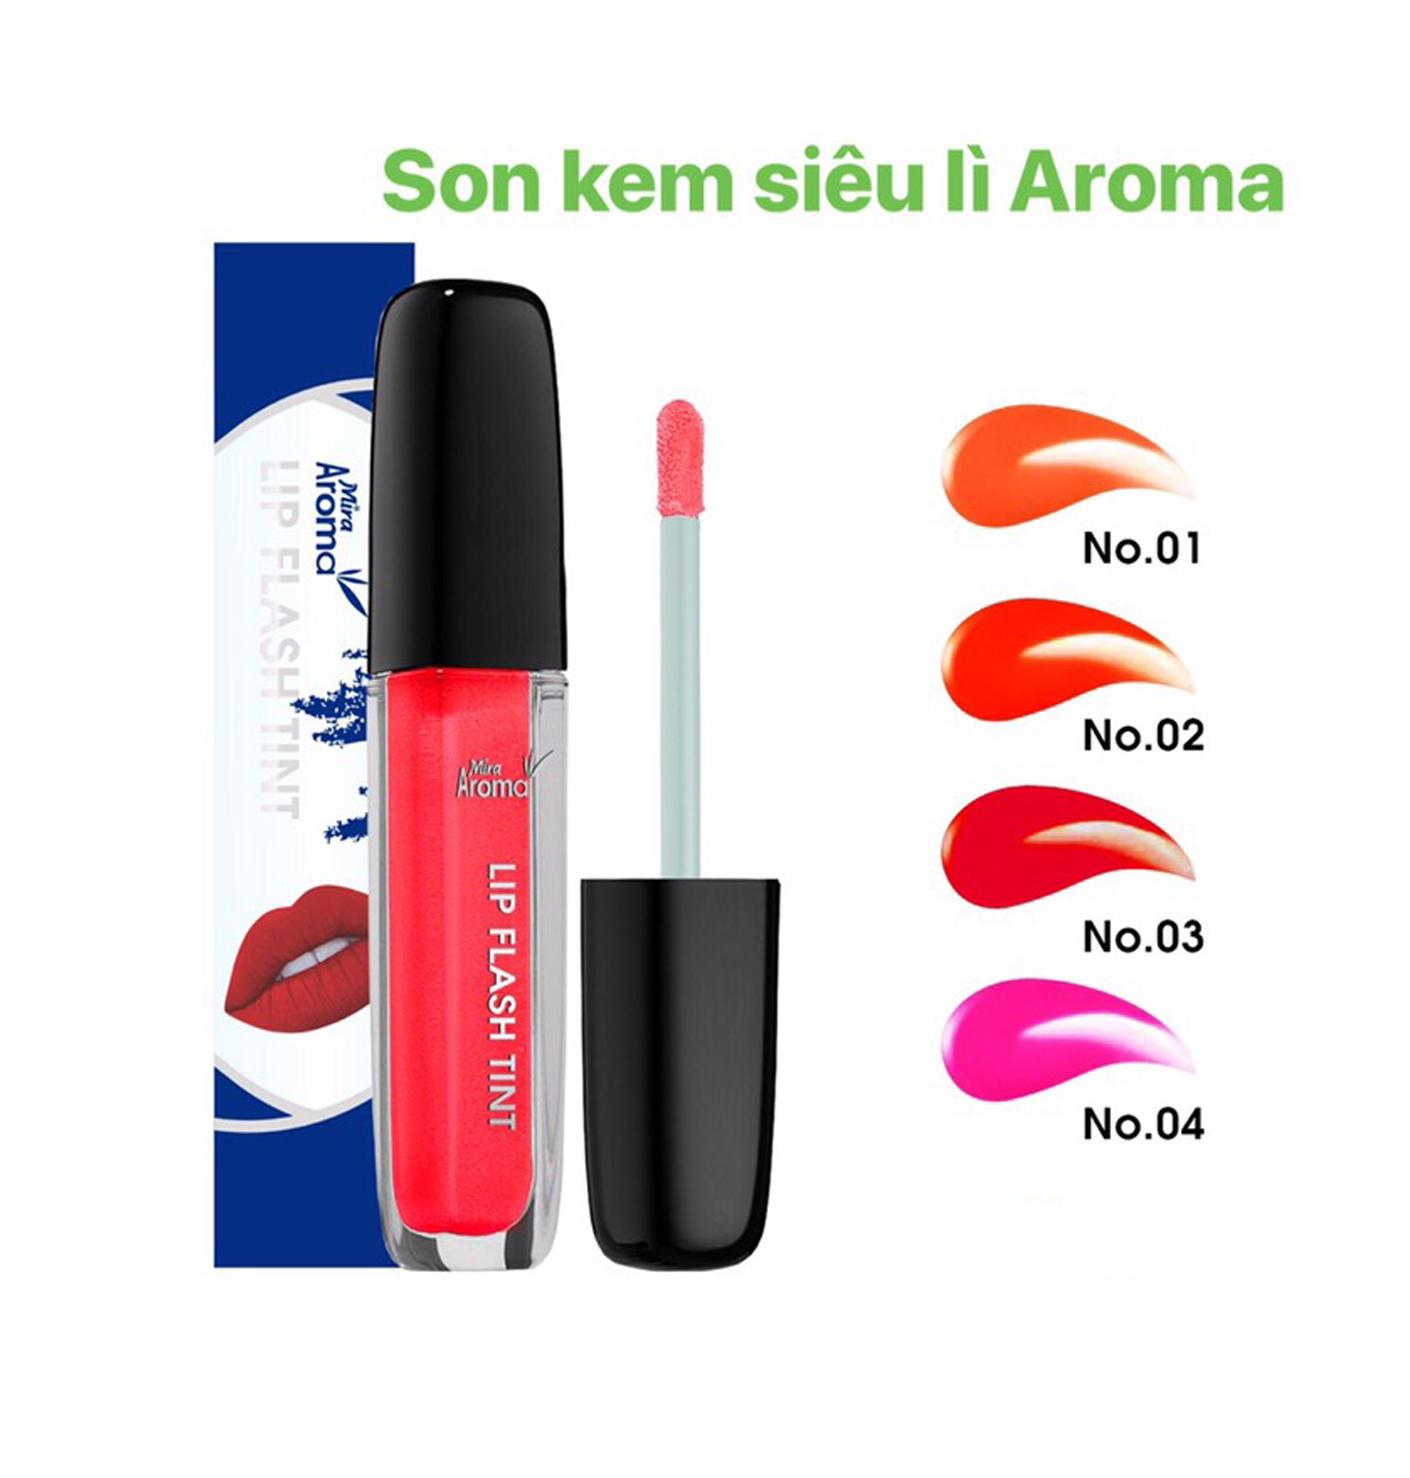 Son kem siêu lì Aroma Lip Flash Tint Hàn Quốc No.4 Màu hồng tặng kèm móc khóa